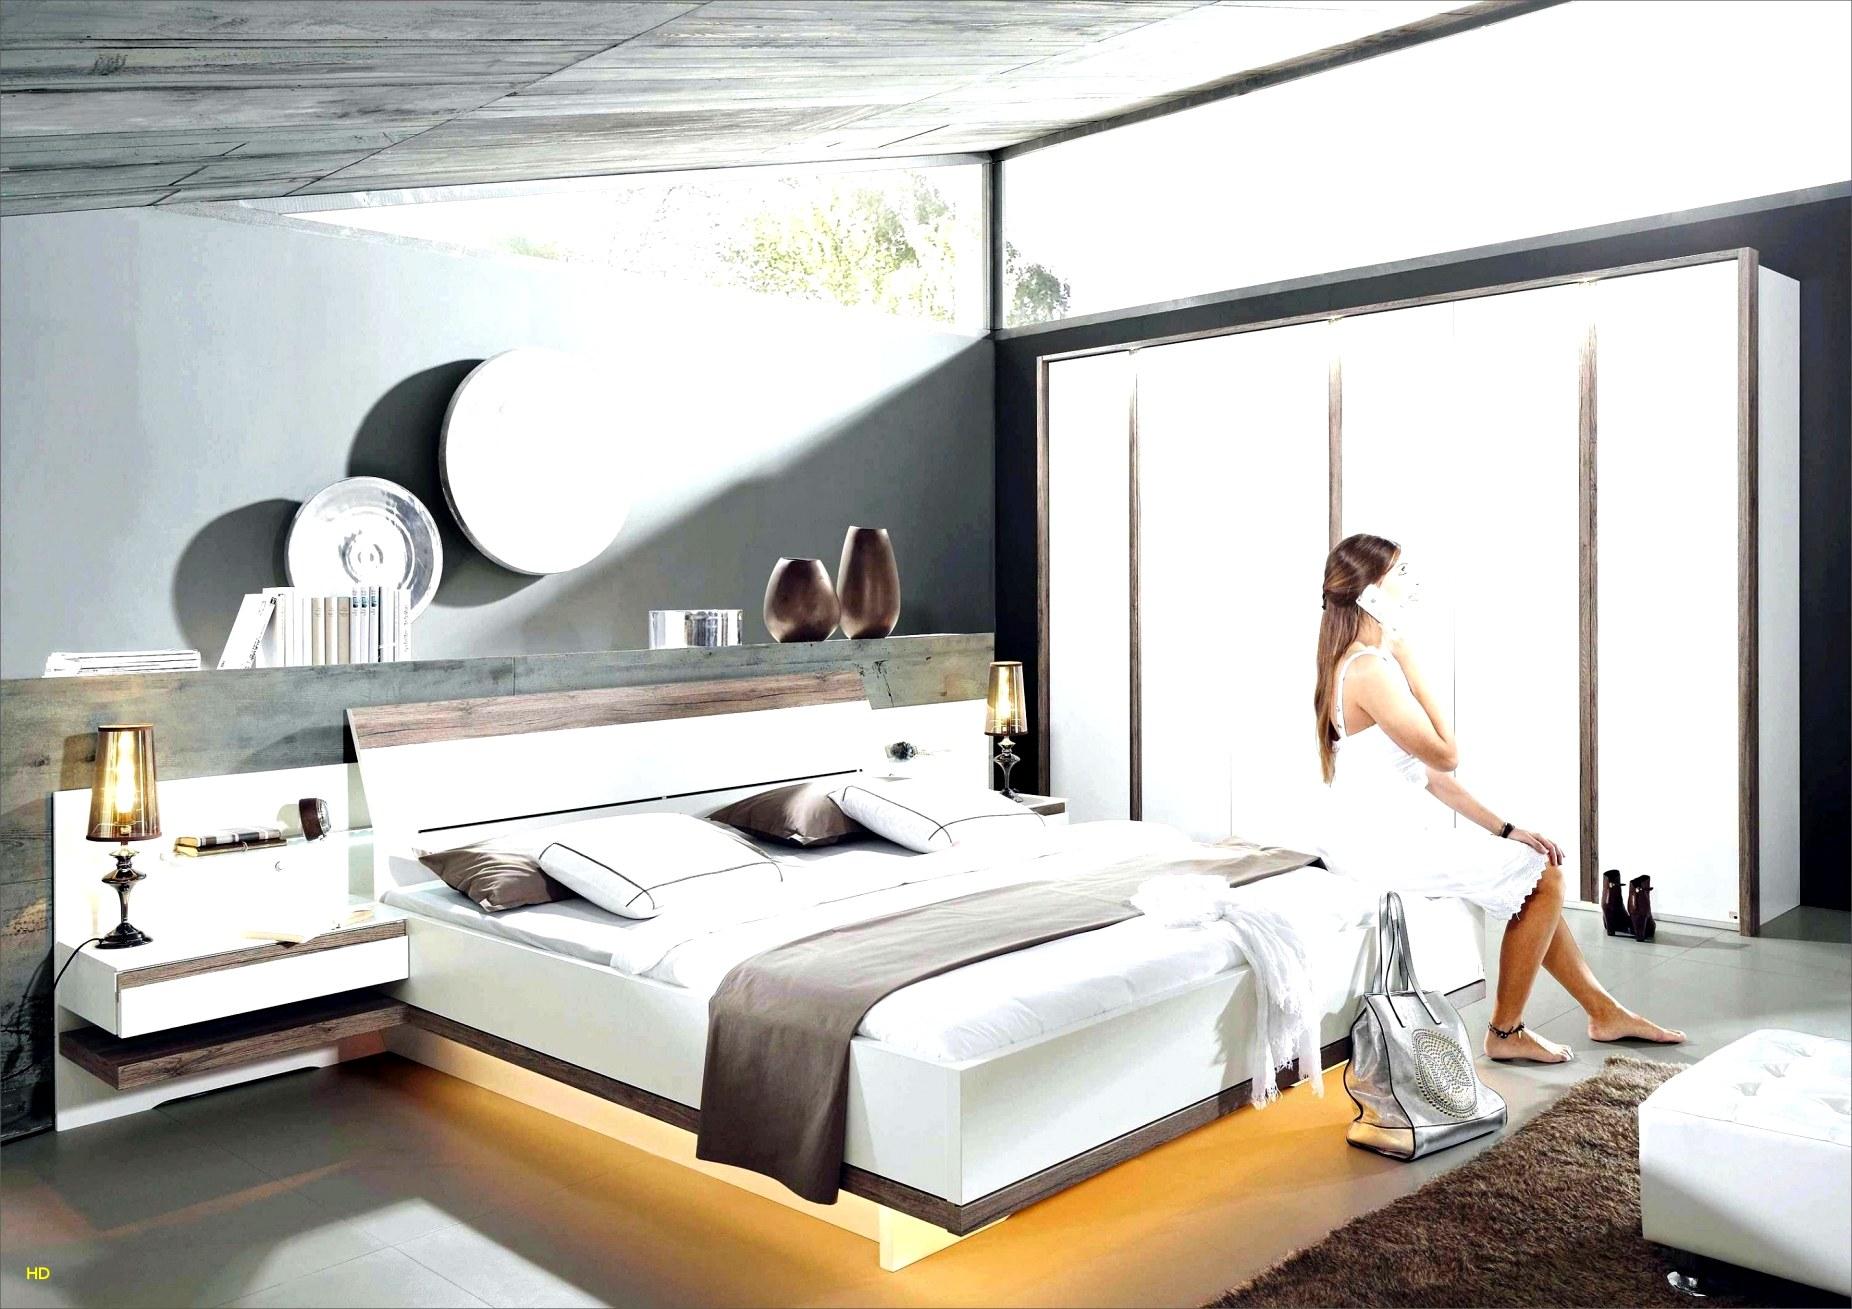 Full Size of Xxl Lutz Schlafzimmer Komplett Bonprix Betten Kopfteile Für Ikea 160x200 Coole Amazon Musterring Mit Matratze Und Lattenrost 140x200 100x200 Weiß Bett Xxl Betten